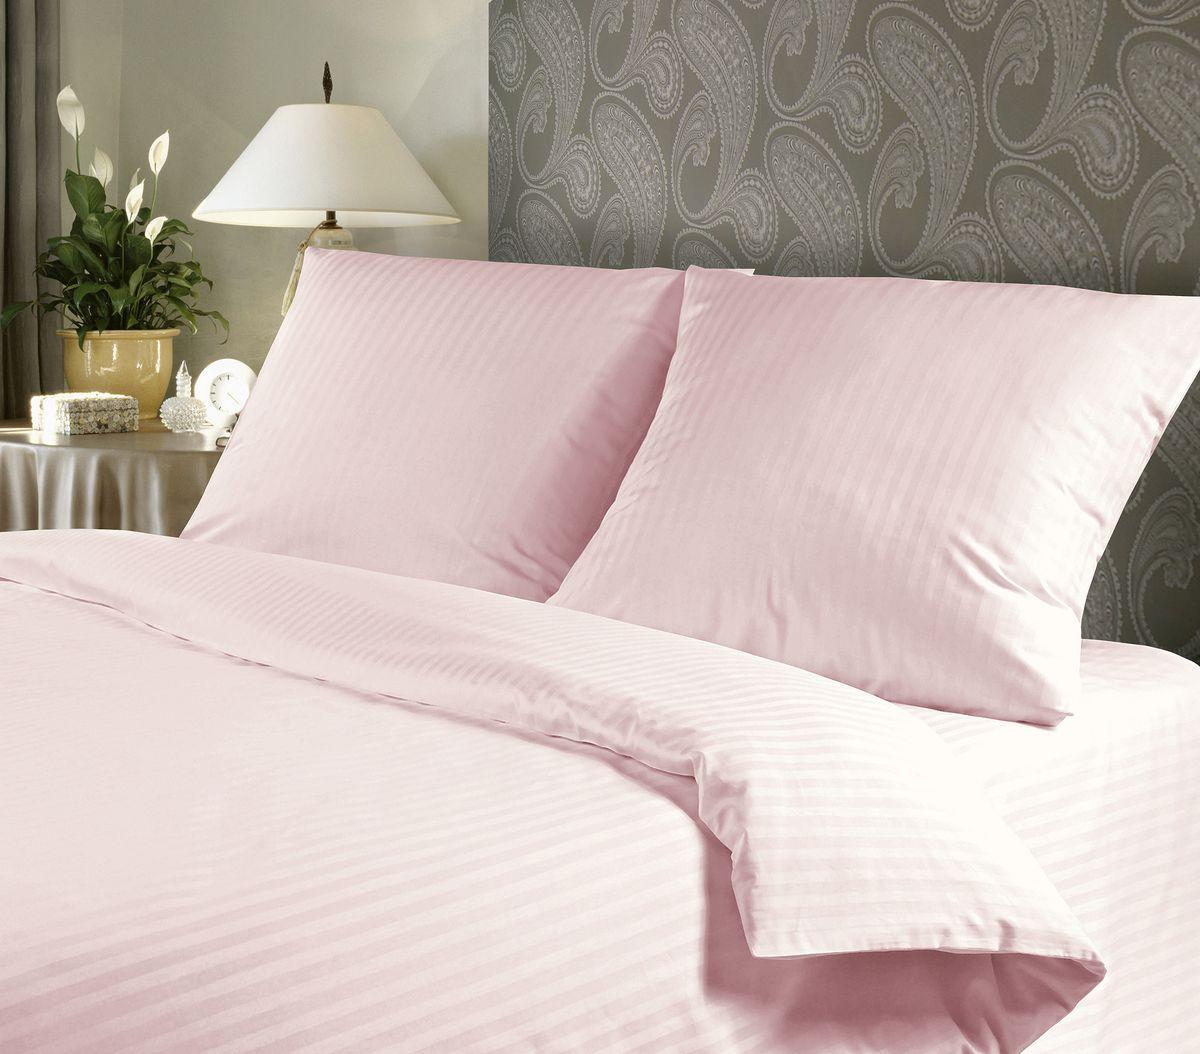 Комплект белья Verossa, 2-спальный, наволочки 70х70, цвет: розовый391602Сатин - настоящая роскошь для любителей понежиться в постели. Вас манит его блеск, завораживает гладкость, ласкает мягкость, и каждая минута с ним - истинное наслаждение.Тонкая пряжа и атласное переплетение нитей обеспечивают сатину мягкость и деликатность.Легкий блеск сатина делает дизайны живыми и переливающимися.100% хлопок, не электризуется и отлично пропускает воздух, ткань дышит.Легко стирается и практически не требует глажения.Не линяет, не изменяет вид после многочисленных стирок.